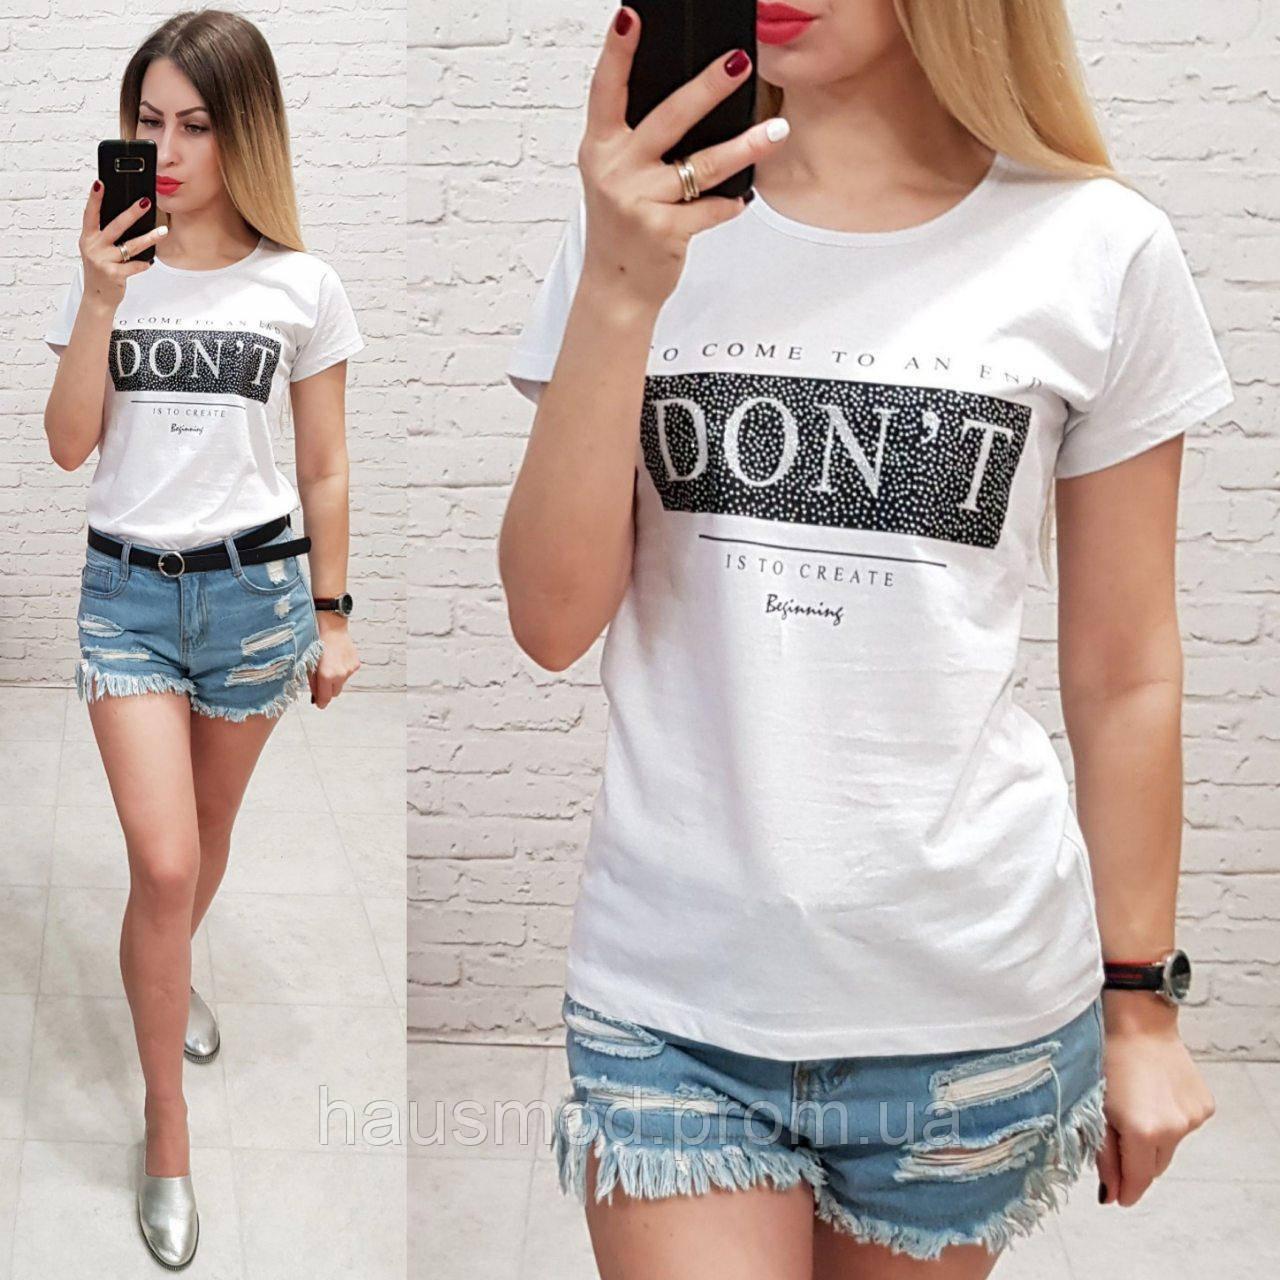 Женская футболка летняя надпись Don't 100% катон качество турция цвет белый